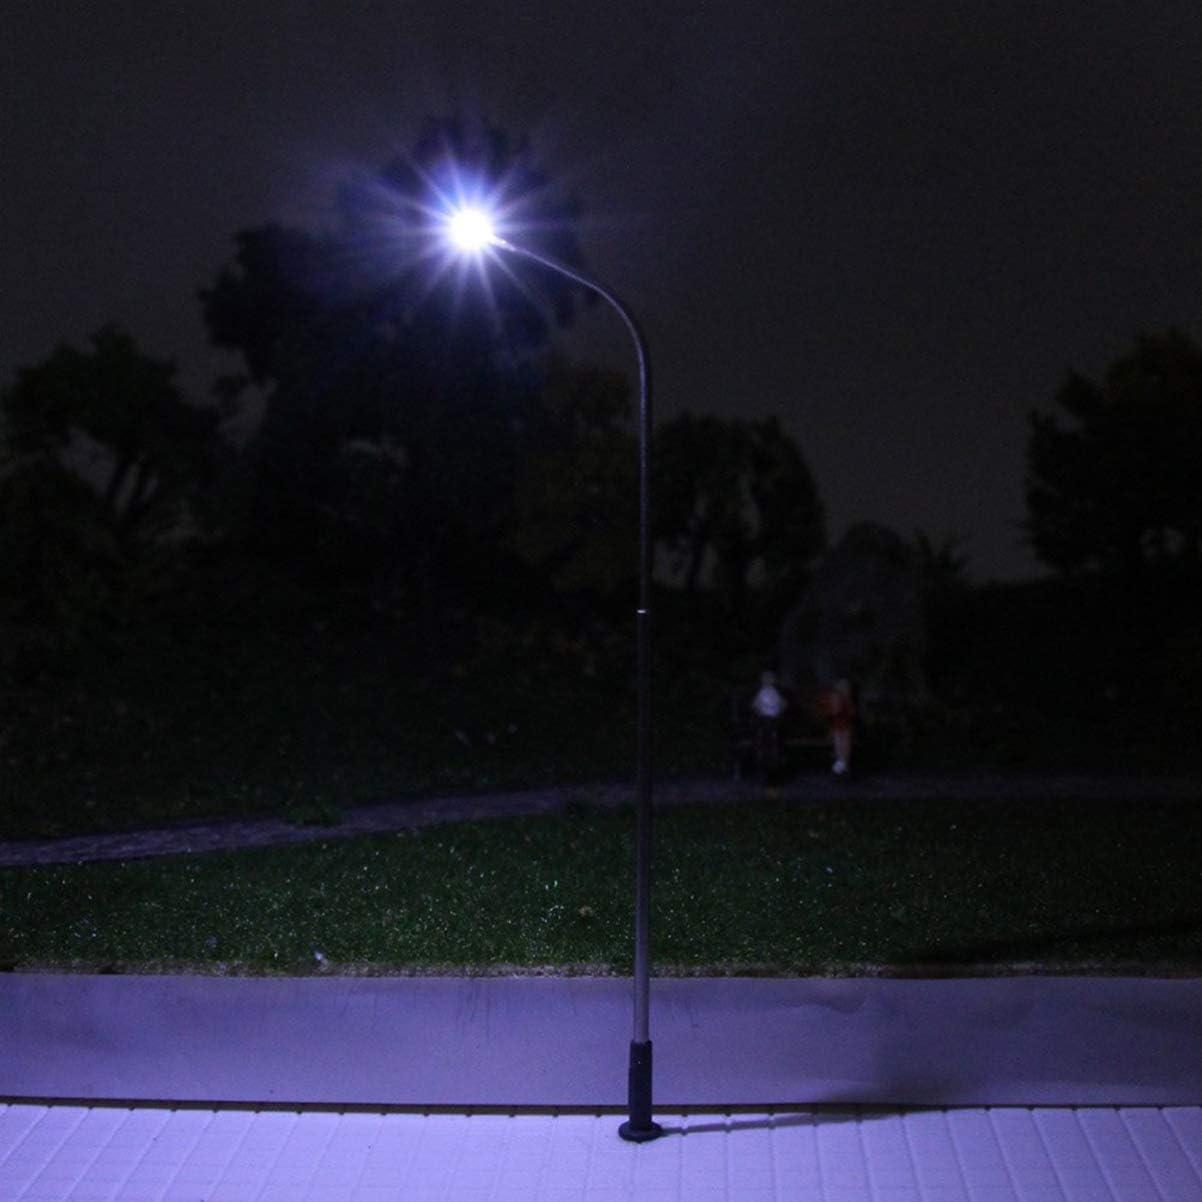 CLISPEED 5Pcs Mini R/éverb/ère Miniature Maison de Poup/ée R/éverb/ère Faux Bricolage LED Post Lumi/ère Paysage Lampe Mod/èle pour Table de Sable Construction Paysage Mise en Page